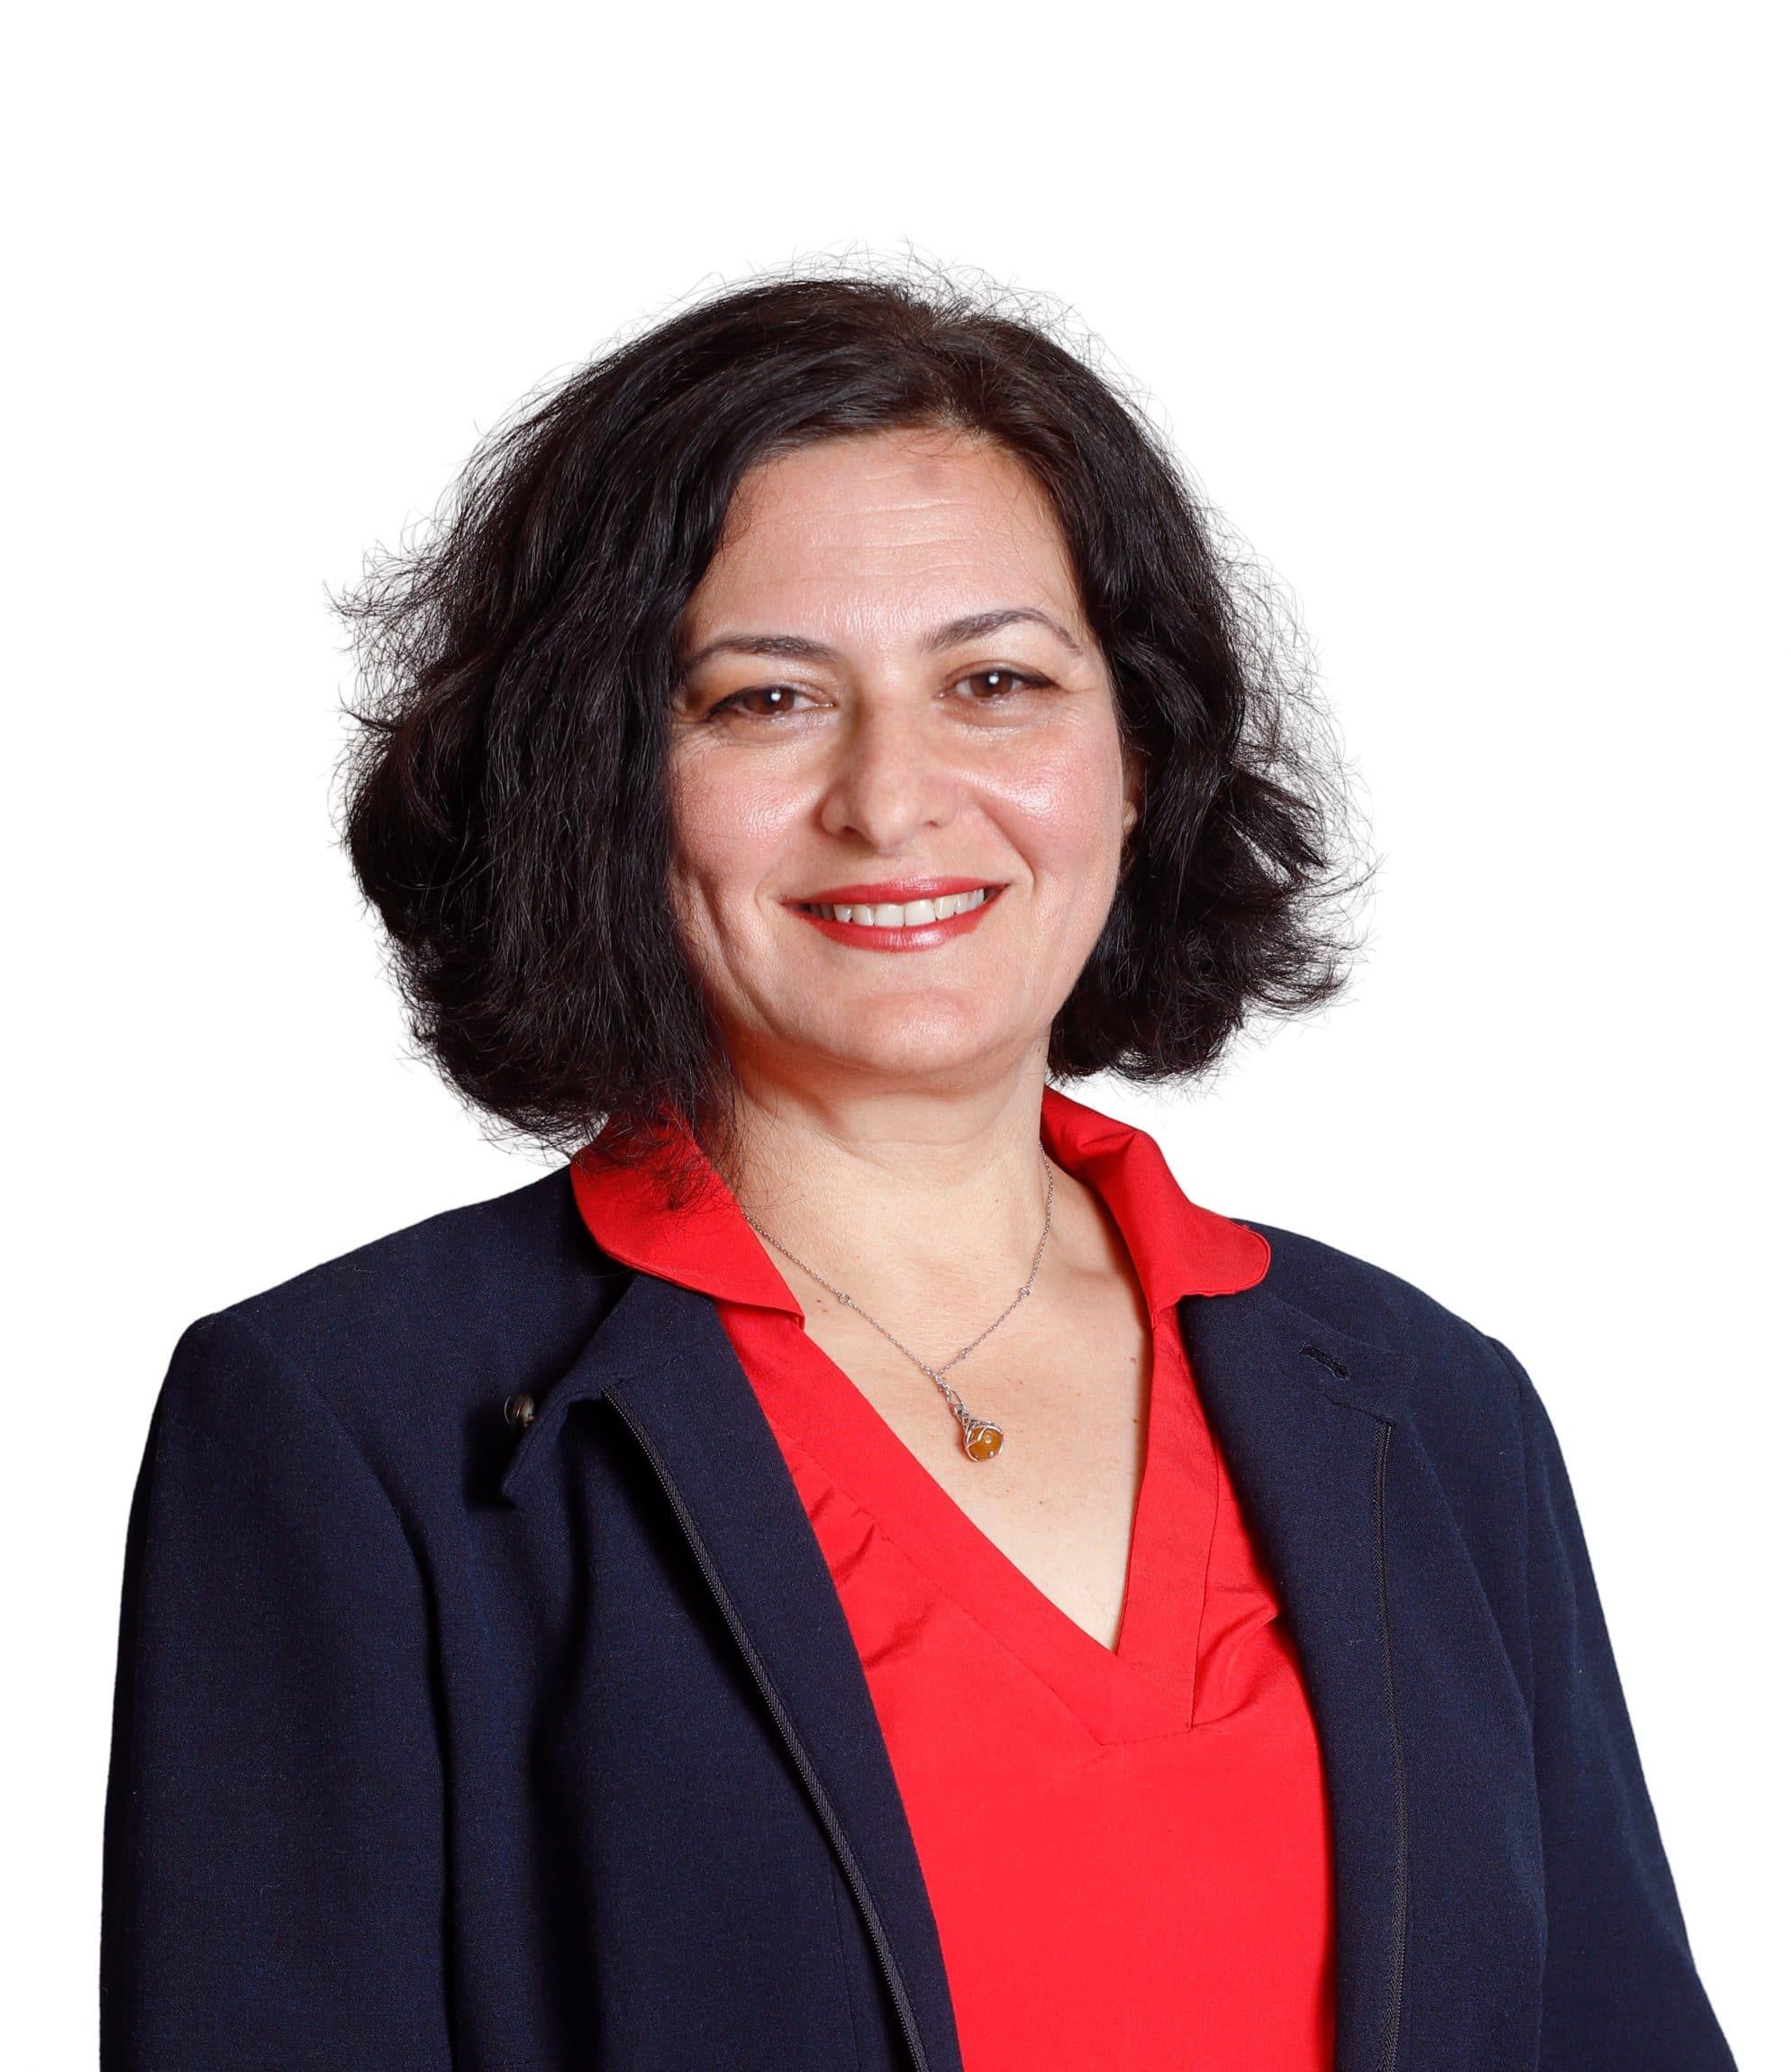 Dafna Kalenberg